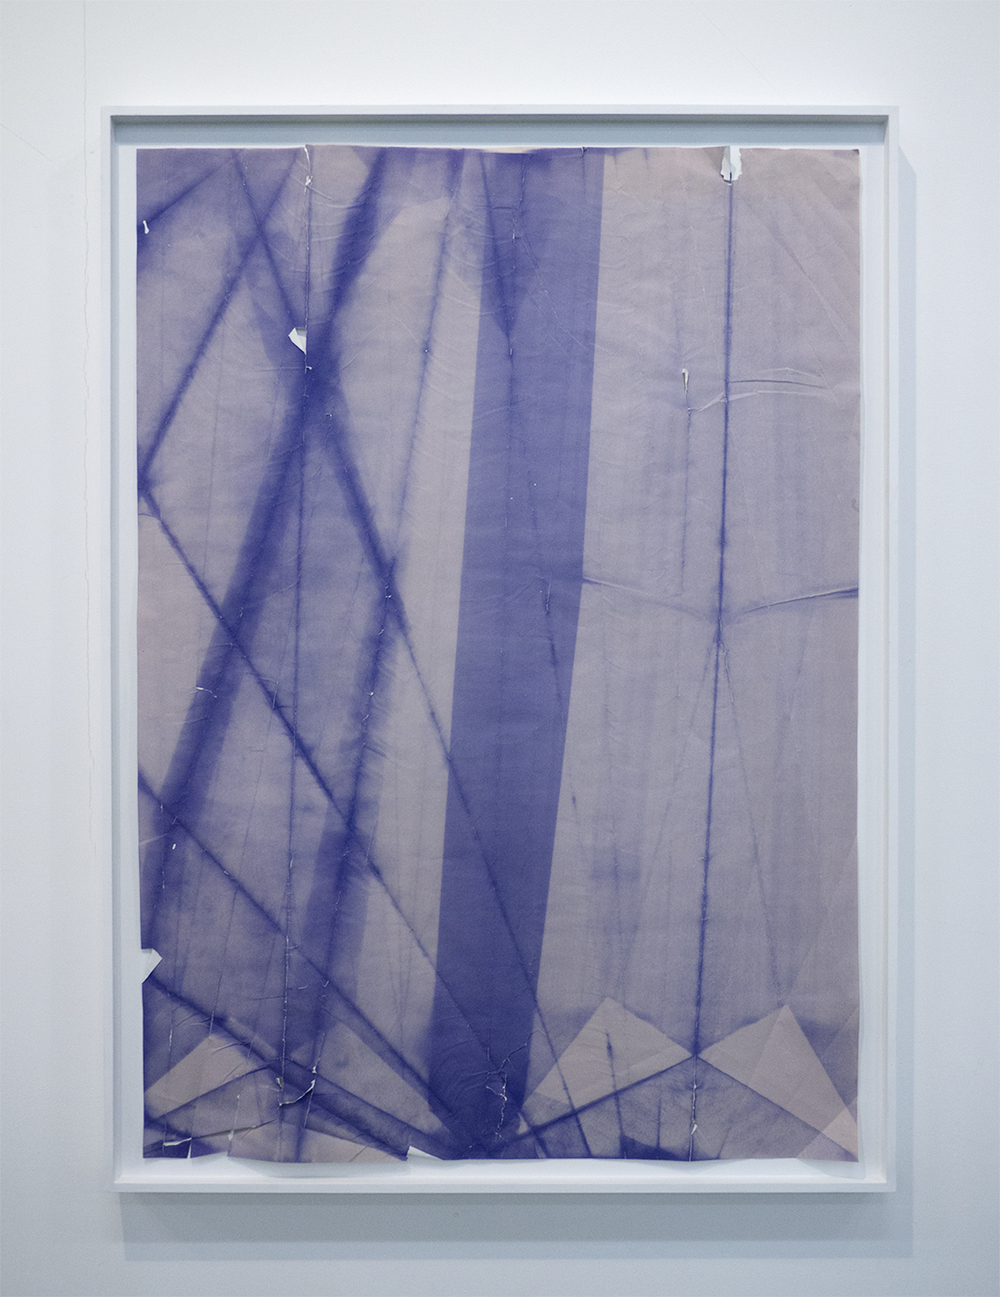 DADIAZO 2 folded, smashed, and exposed diazo blueprint 2013